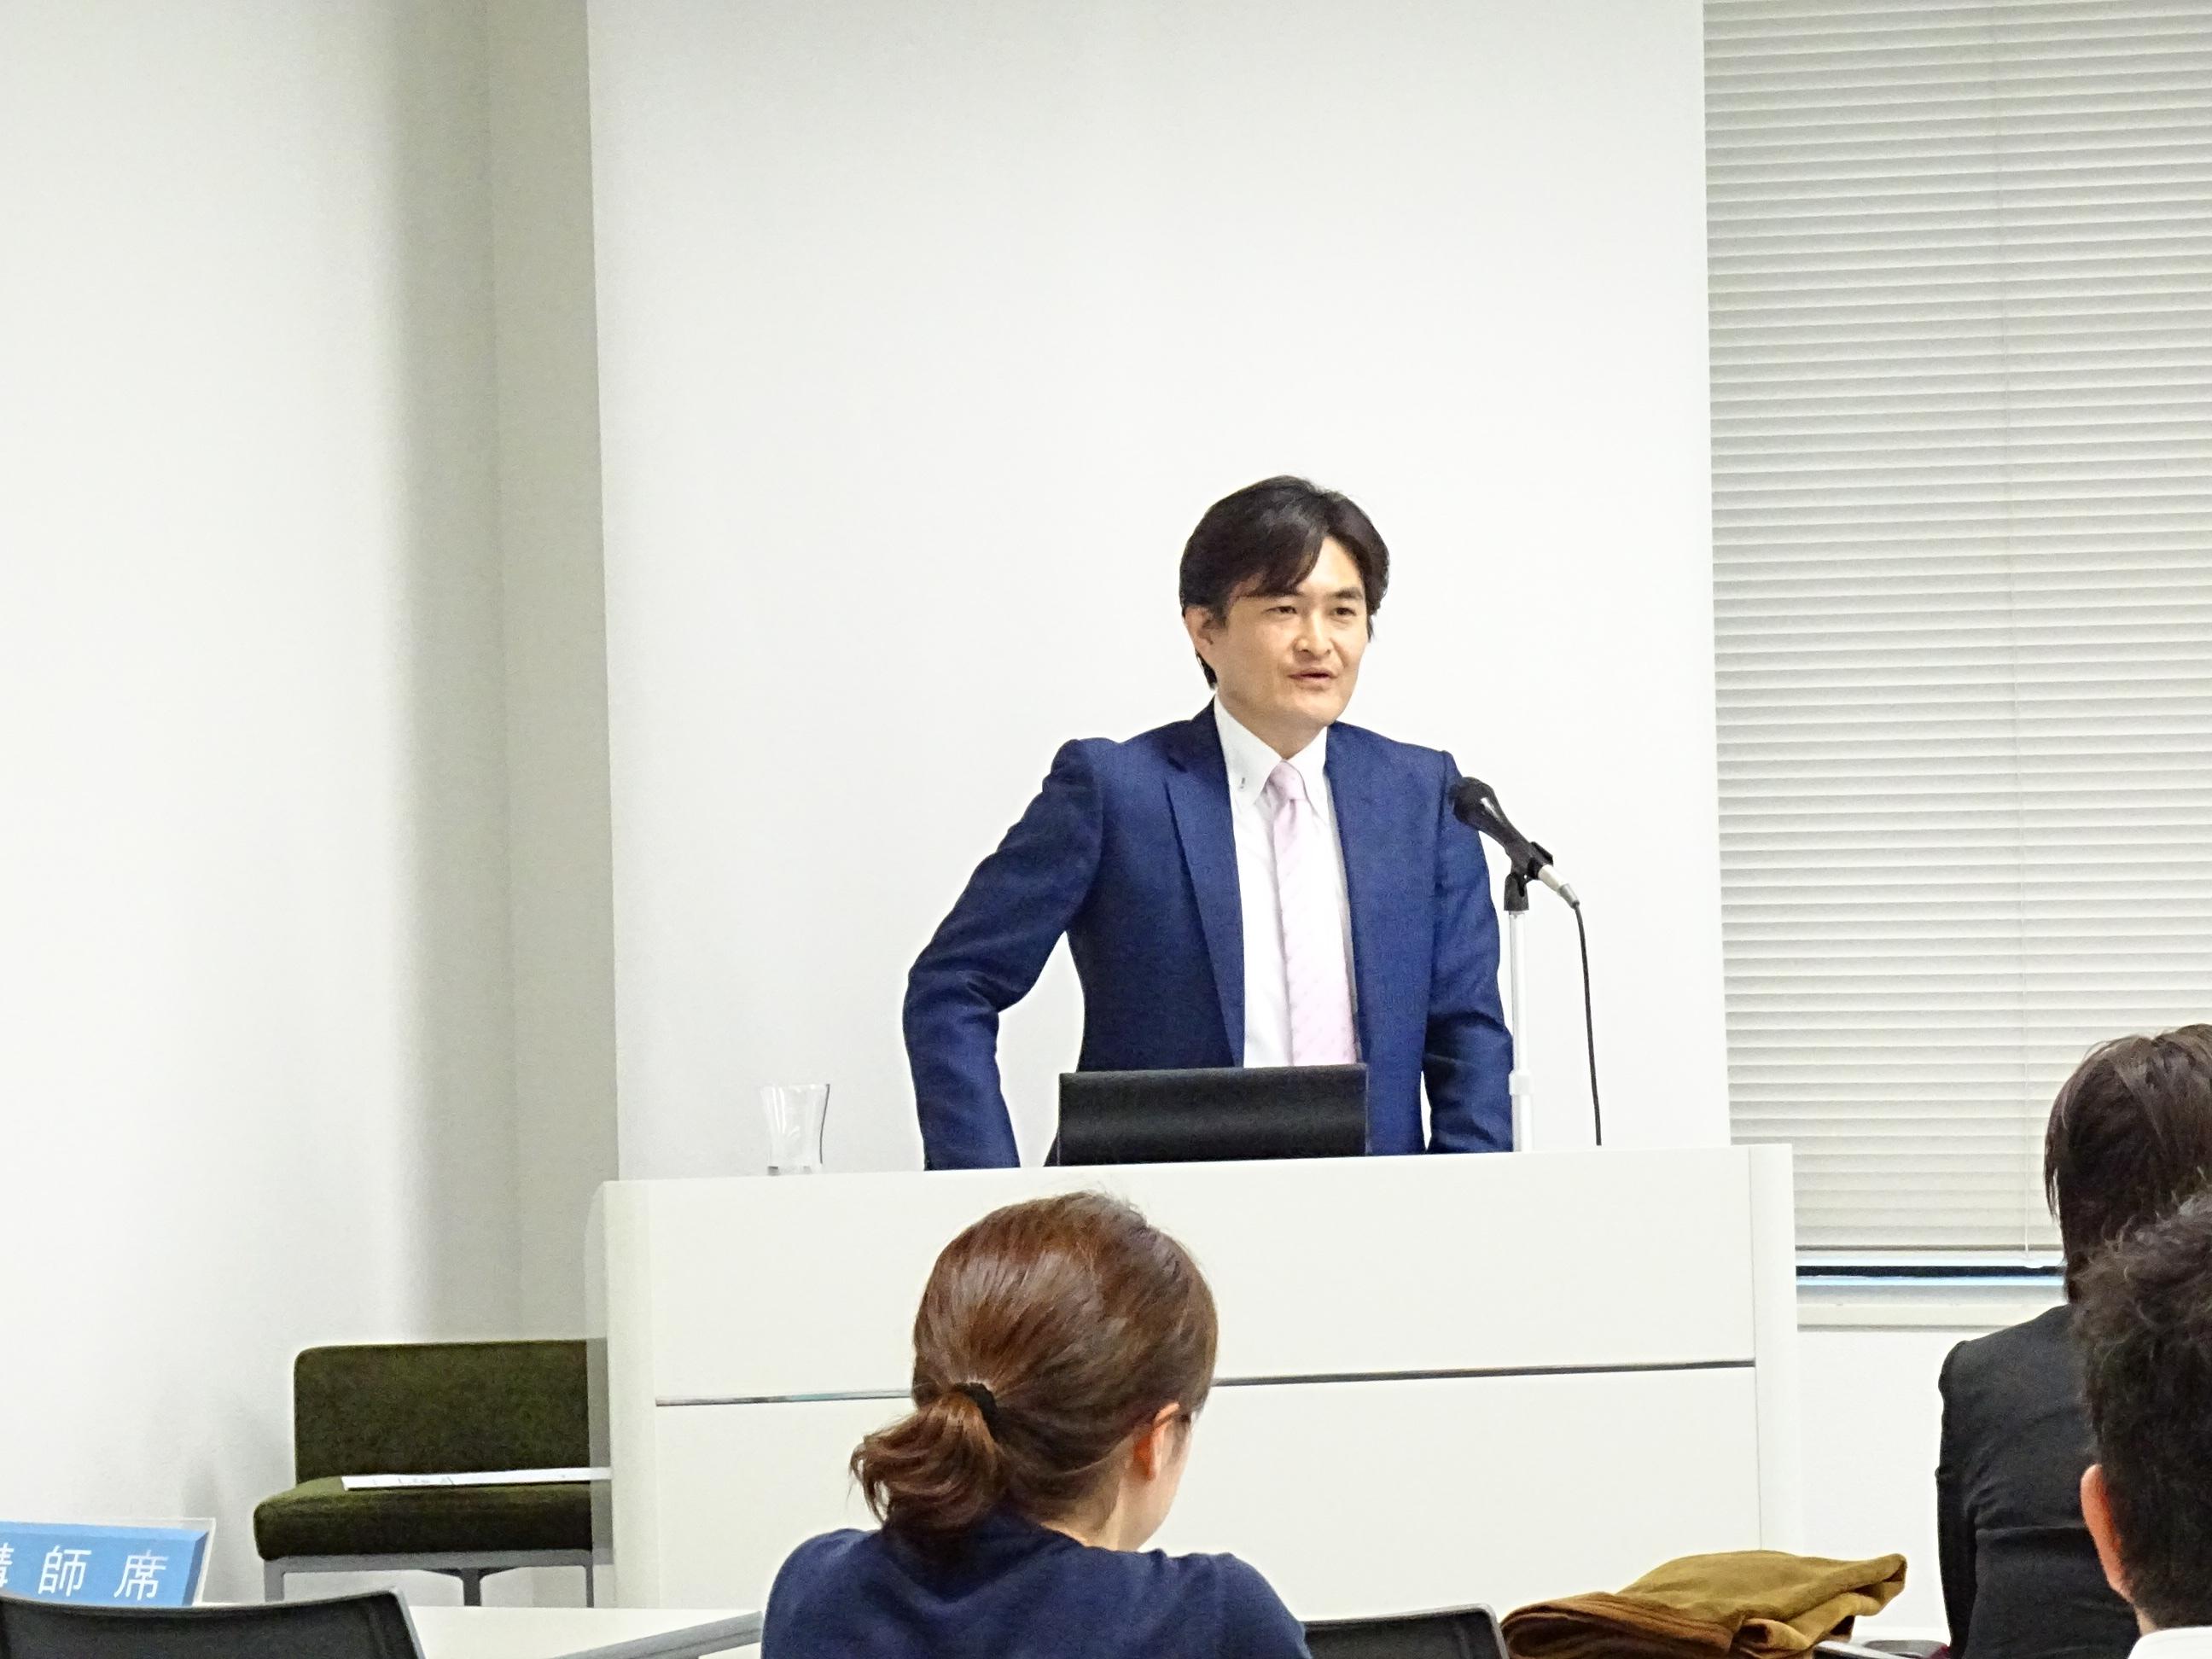 【東京】「なるほど」を引き出す双方向プレゼンテーション講座画像01